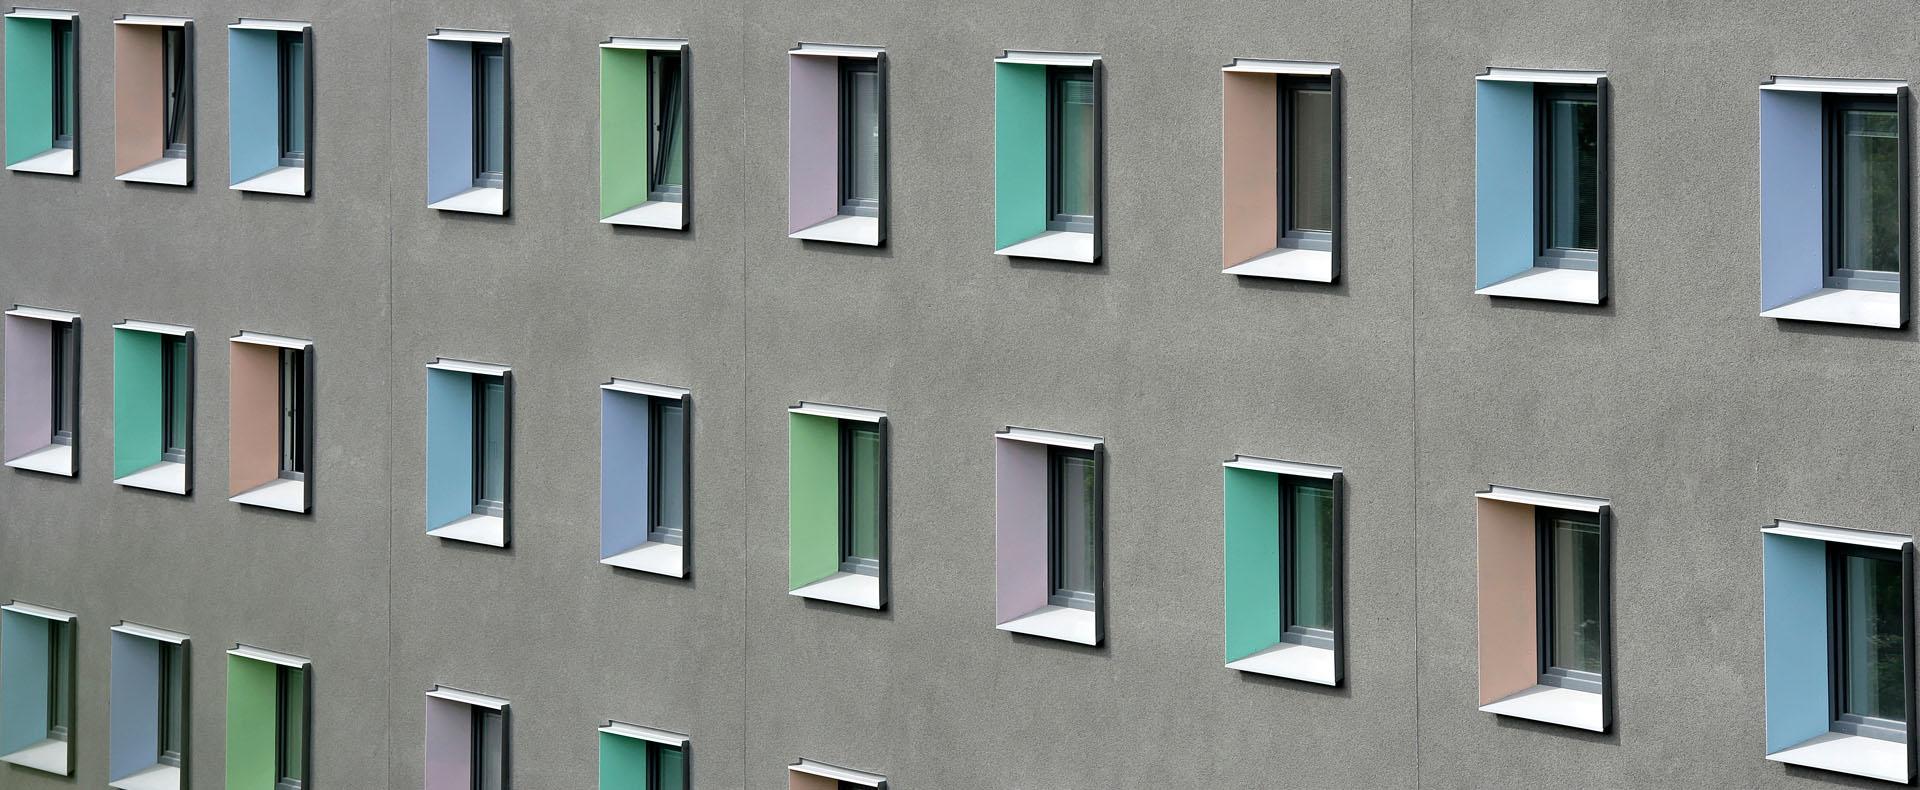 Sanierung Studentenwohnheim Tübingen Viktor-Renner-Straße 2. Eingebaut wurde eine Photovoltaikanlage, Solarkollektoren und eine Pelletheizung Komplettsanierung innen und außen im bewohnten Zustand